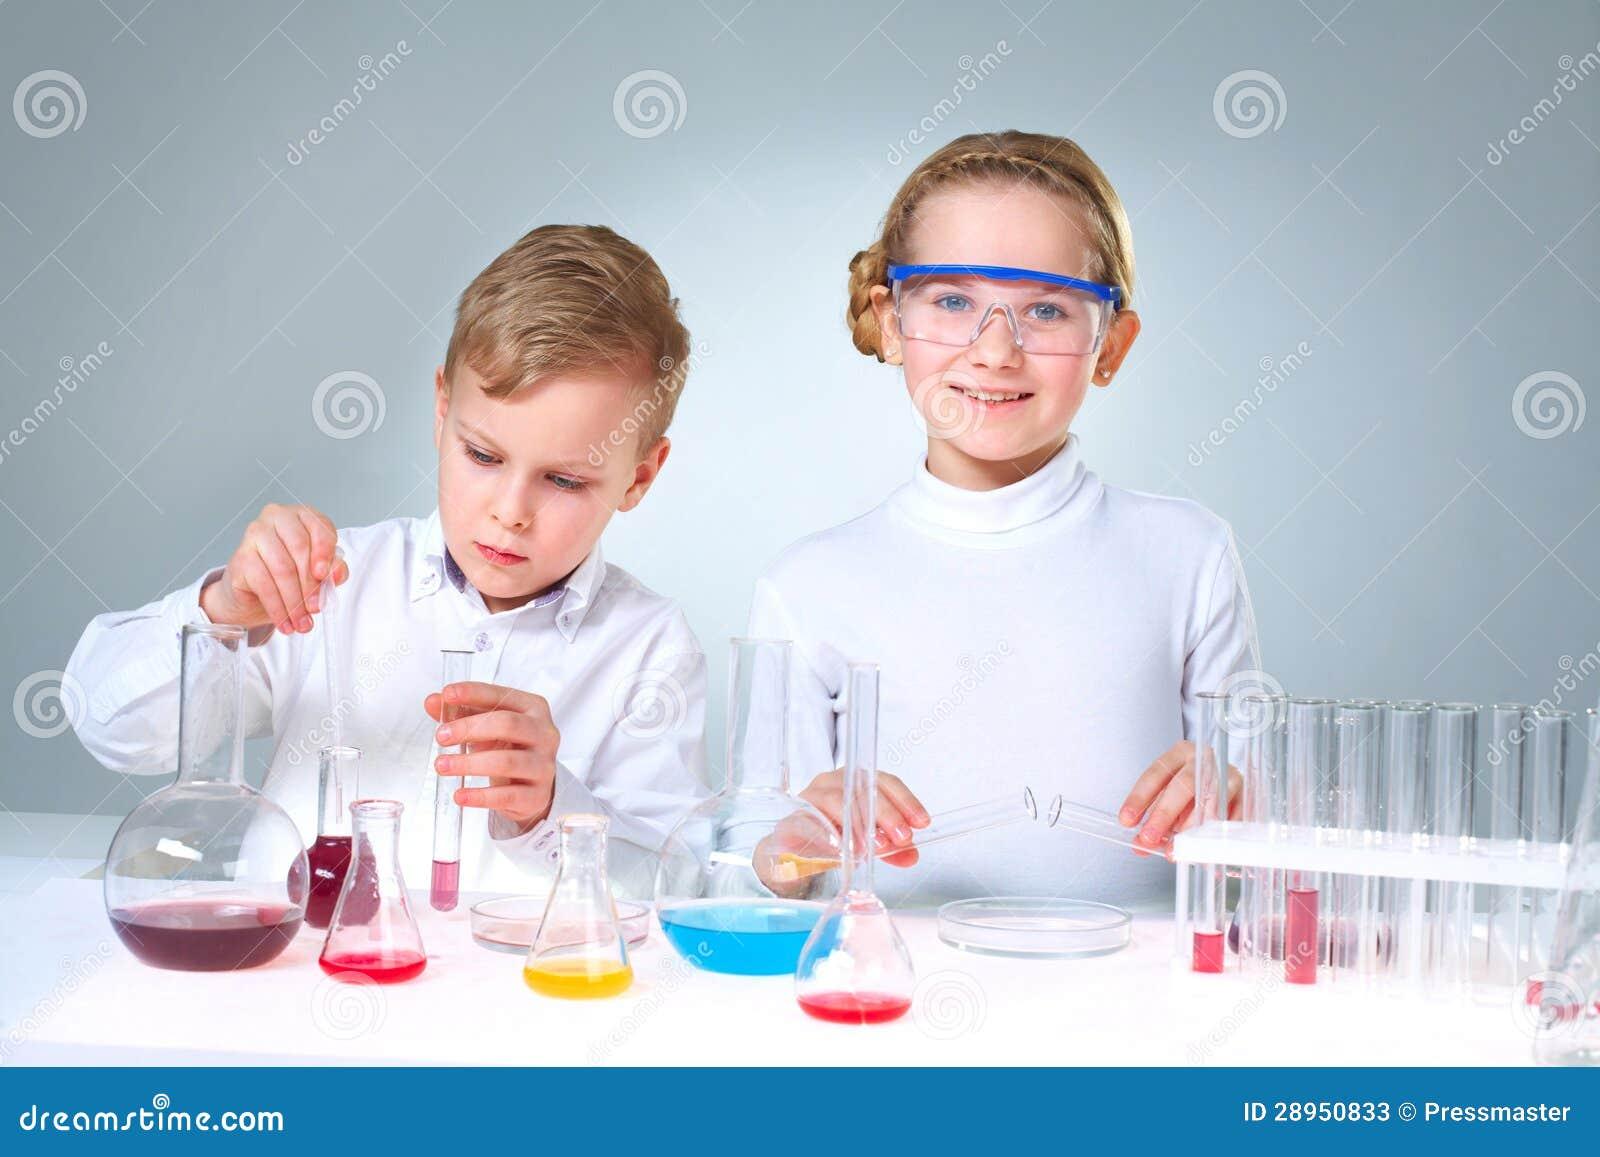 Nowe pokolenie naukowowie